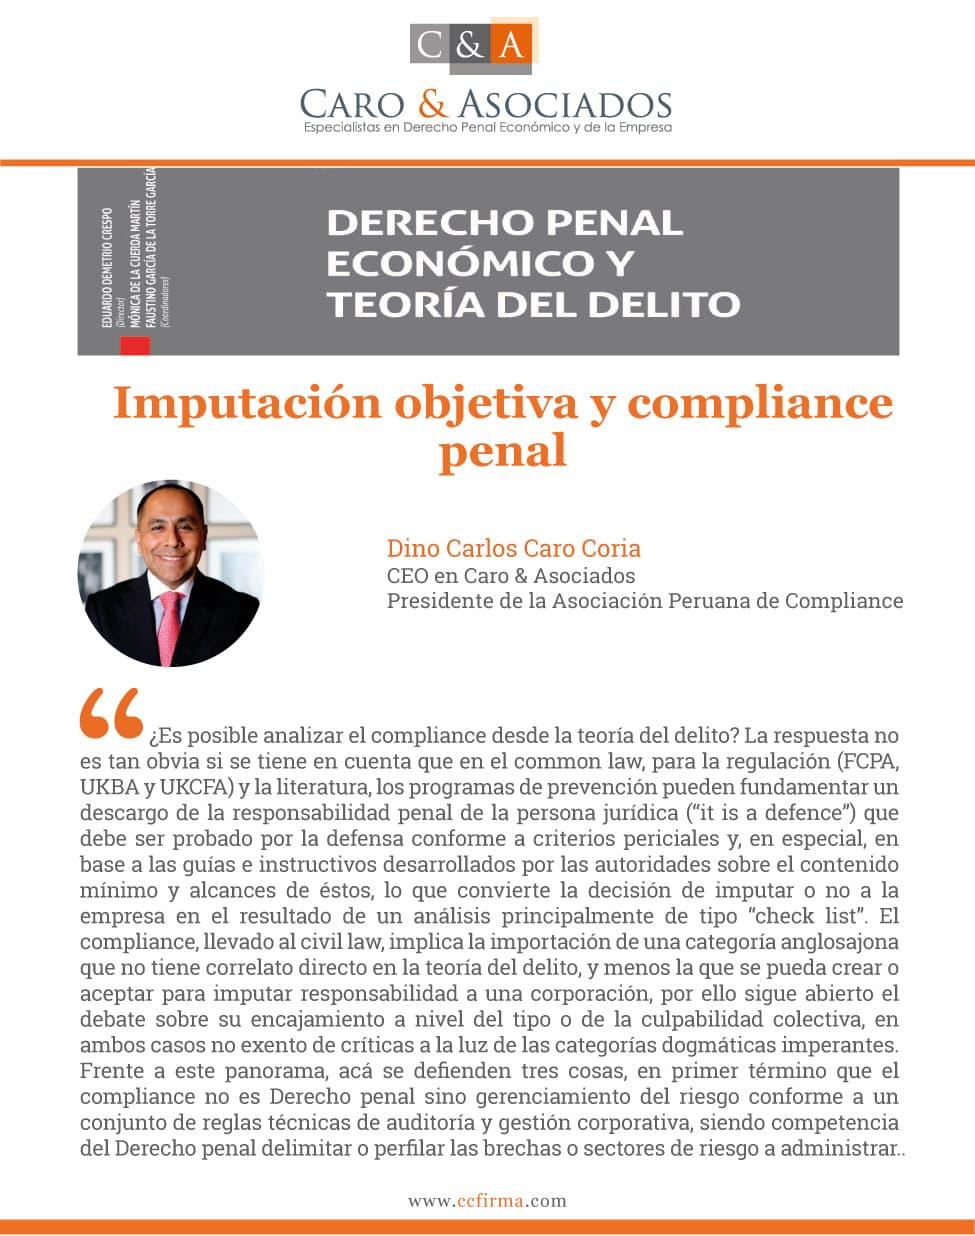 """La Contribución De Dino Carlos Caro Coria:""""Imputación Objetiva Y Compliance Penal"""""""